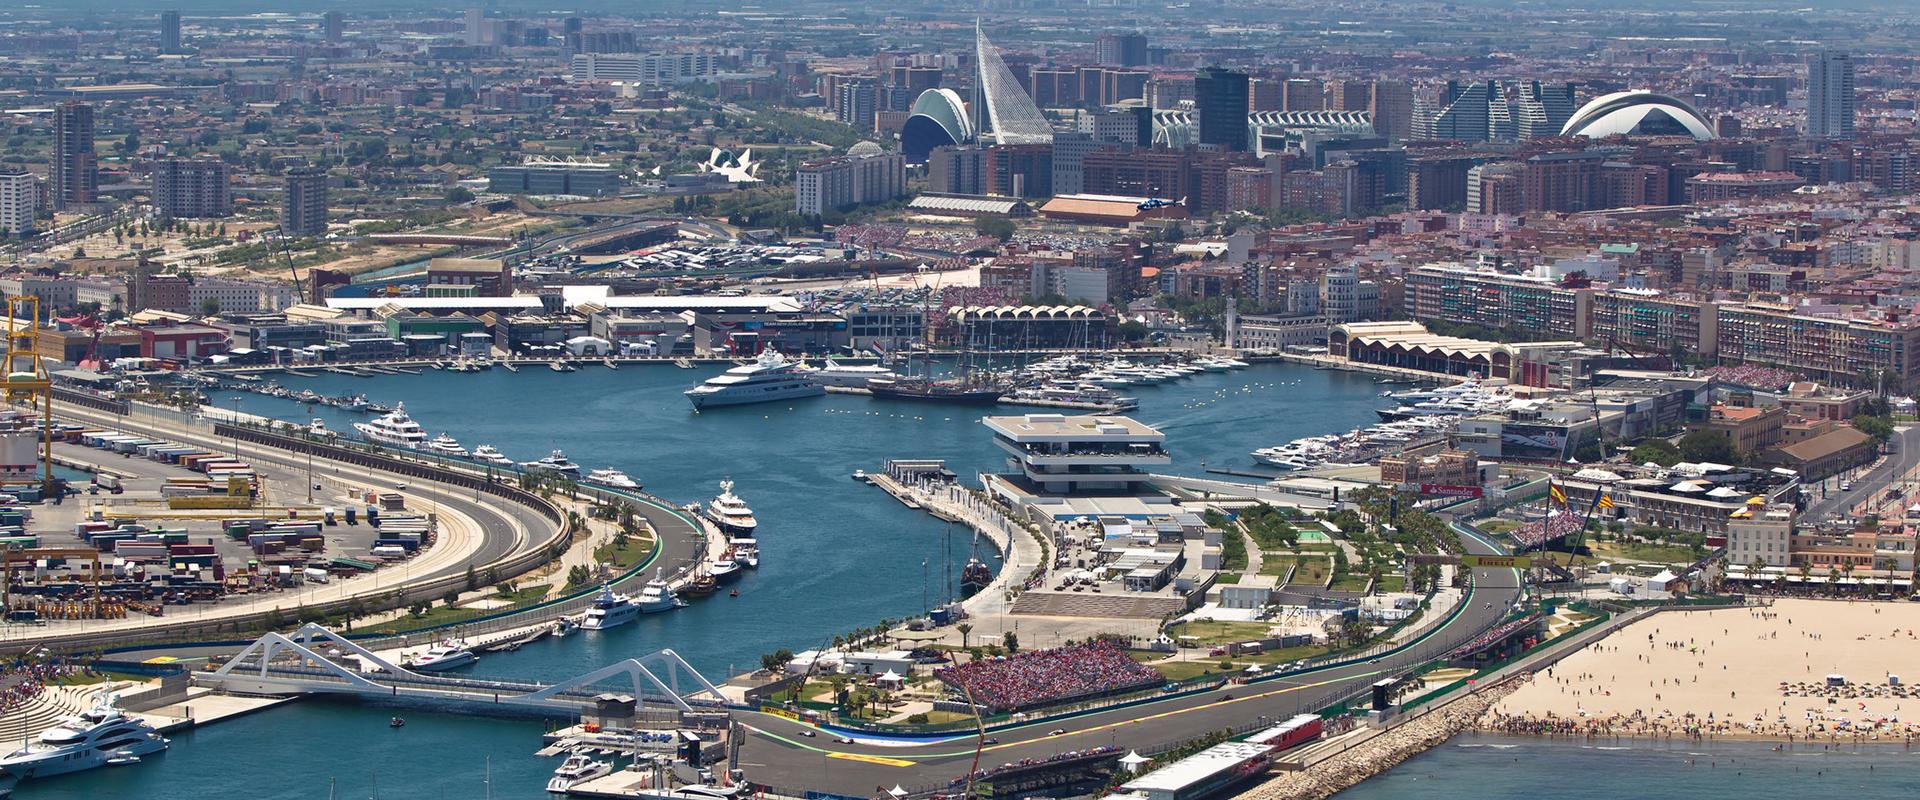 Circuito Valencia F1 : EspaÑa circuito f de valencia